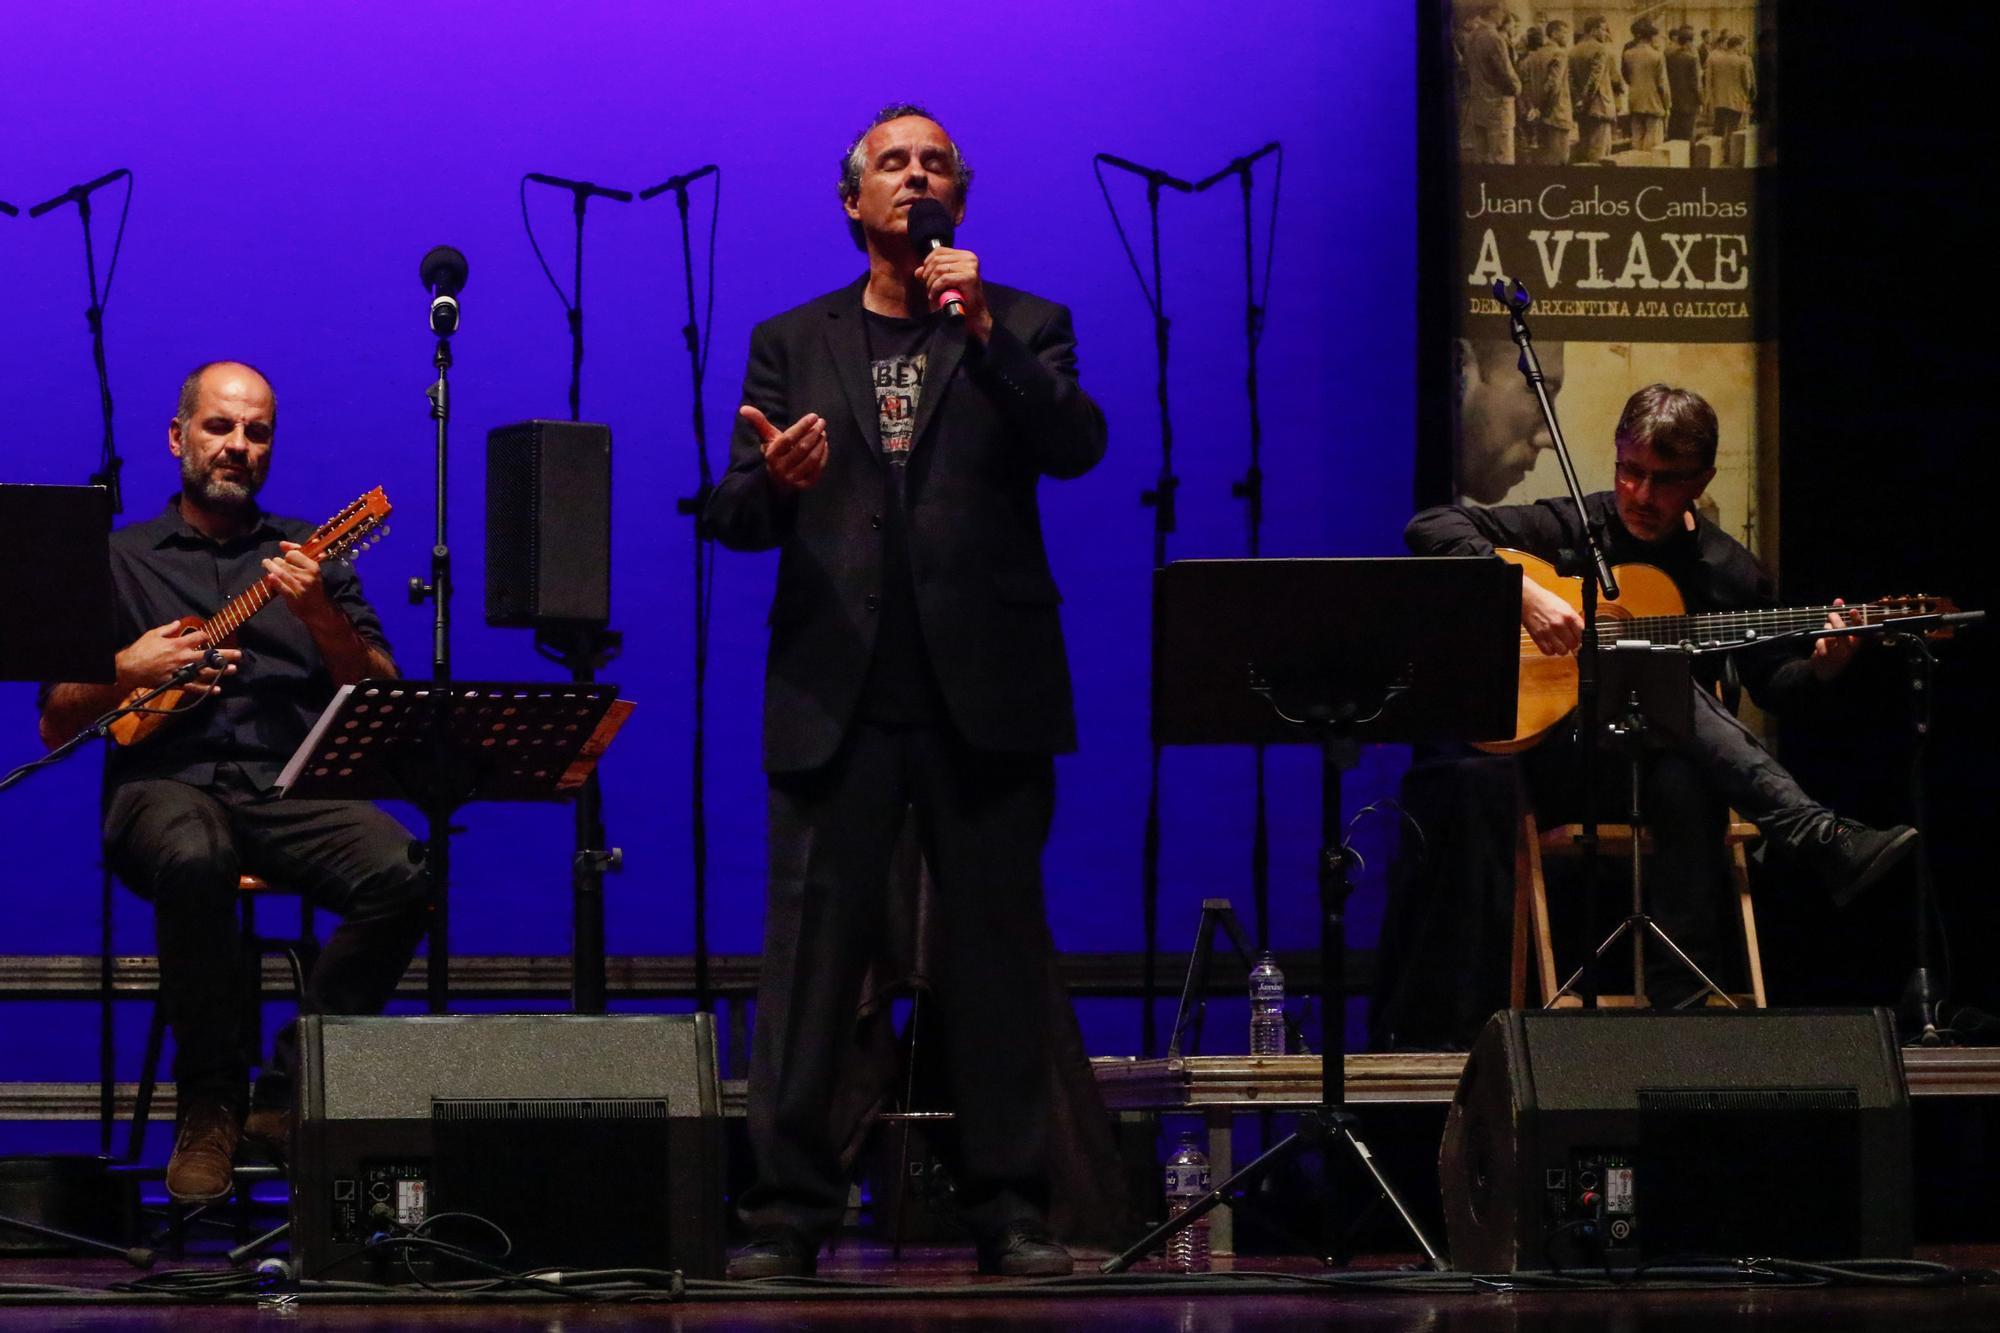 Vilagarcía aplaude el estreno del homenaje a la emigración de Juan Carlos Cambas